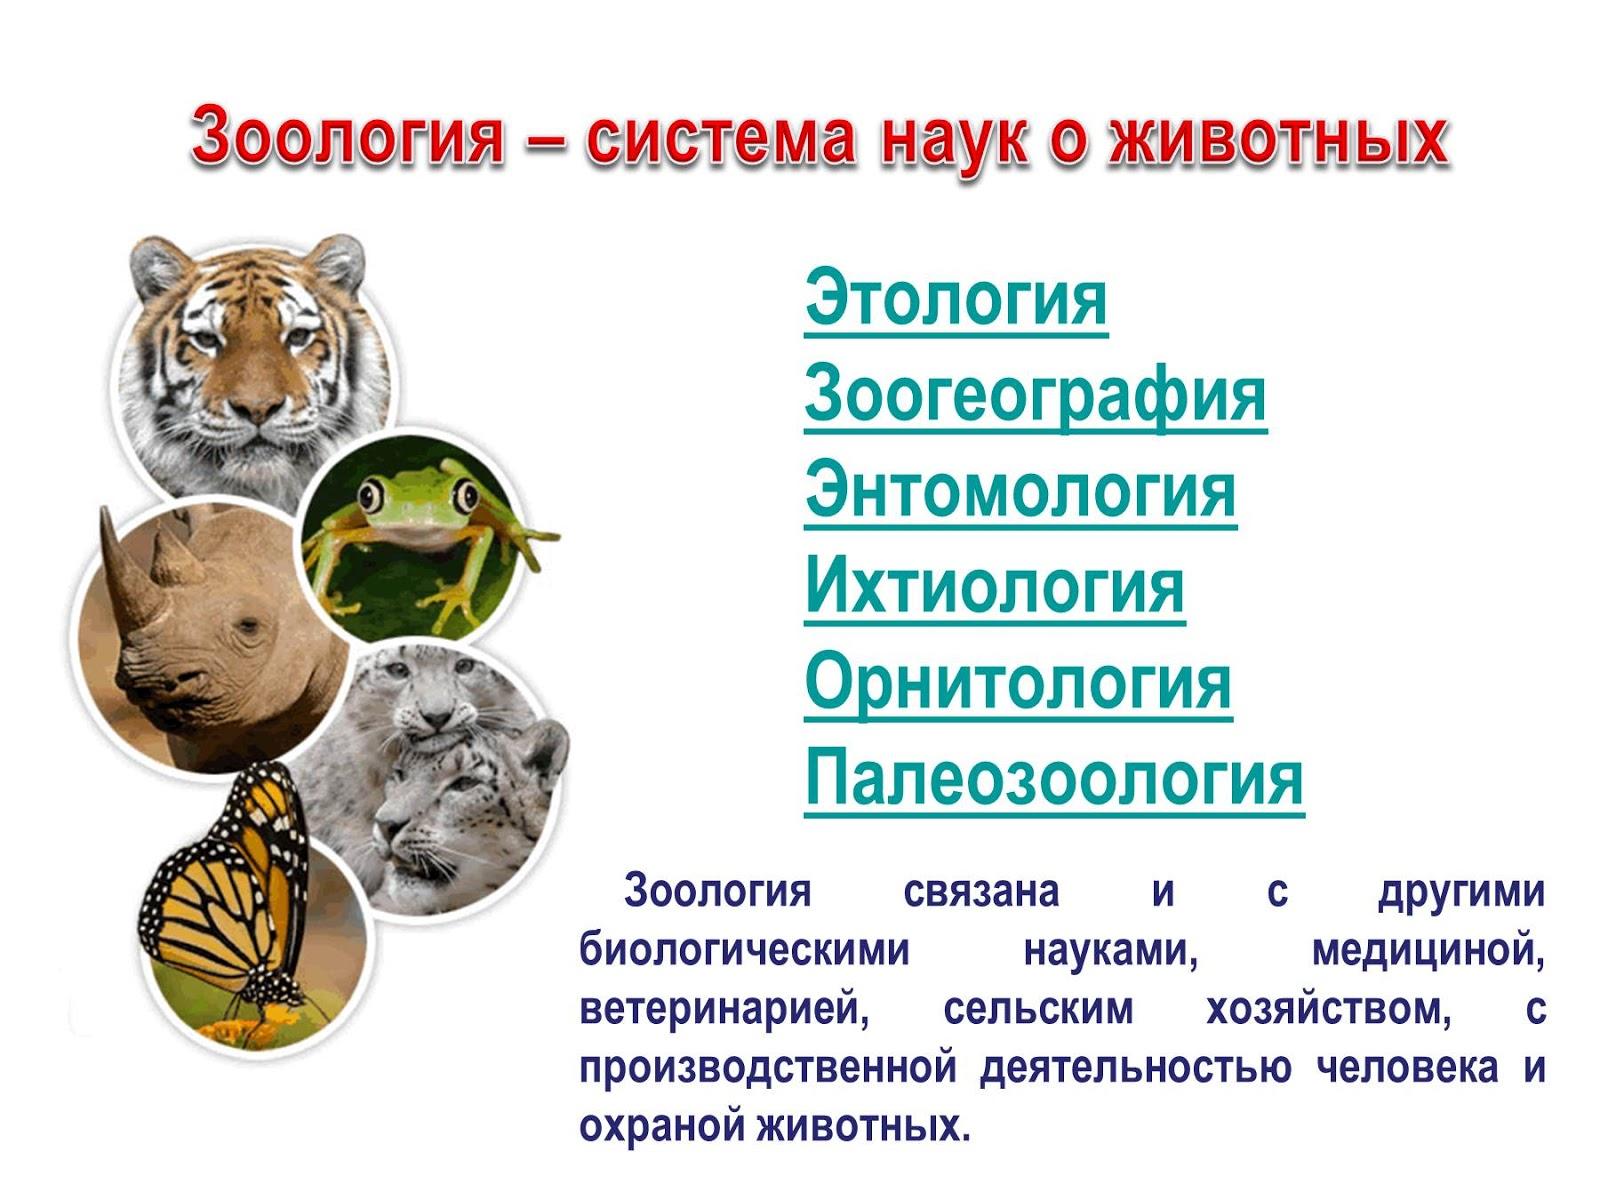 Зоология — википедия. что такое зоология